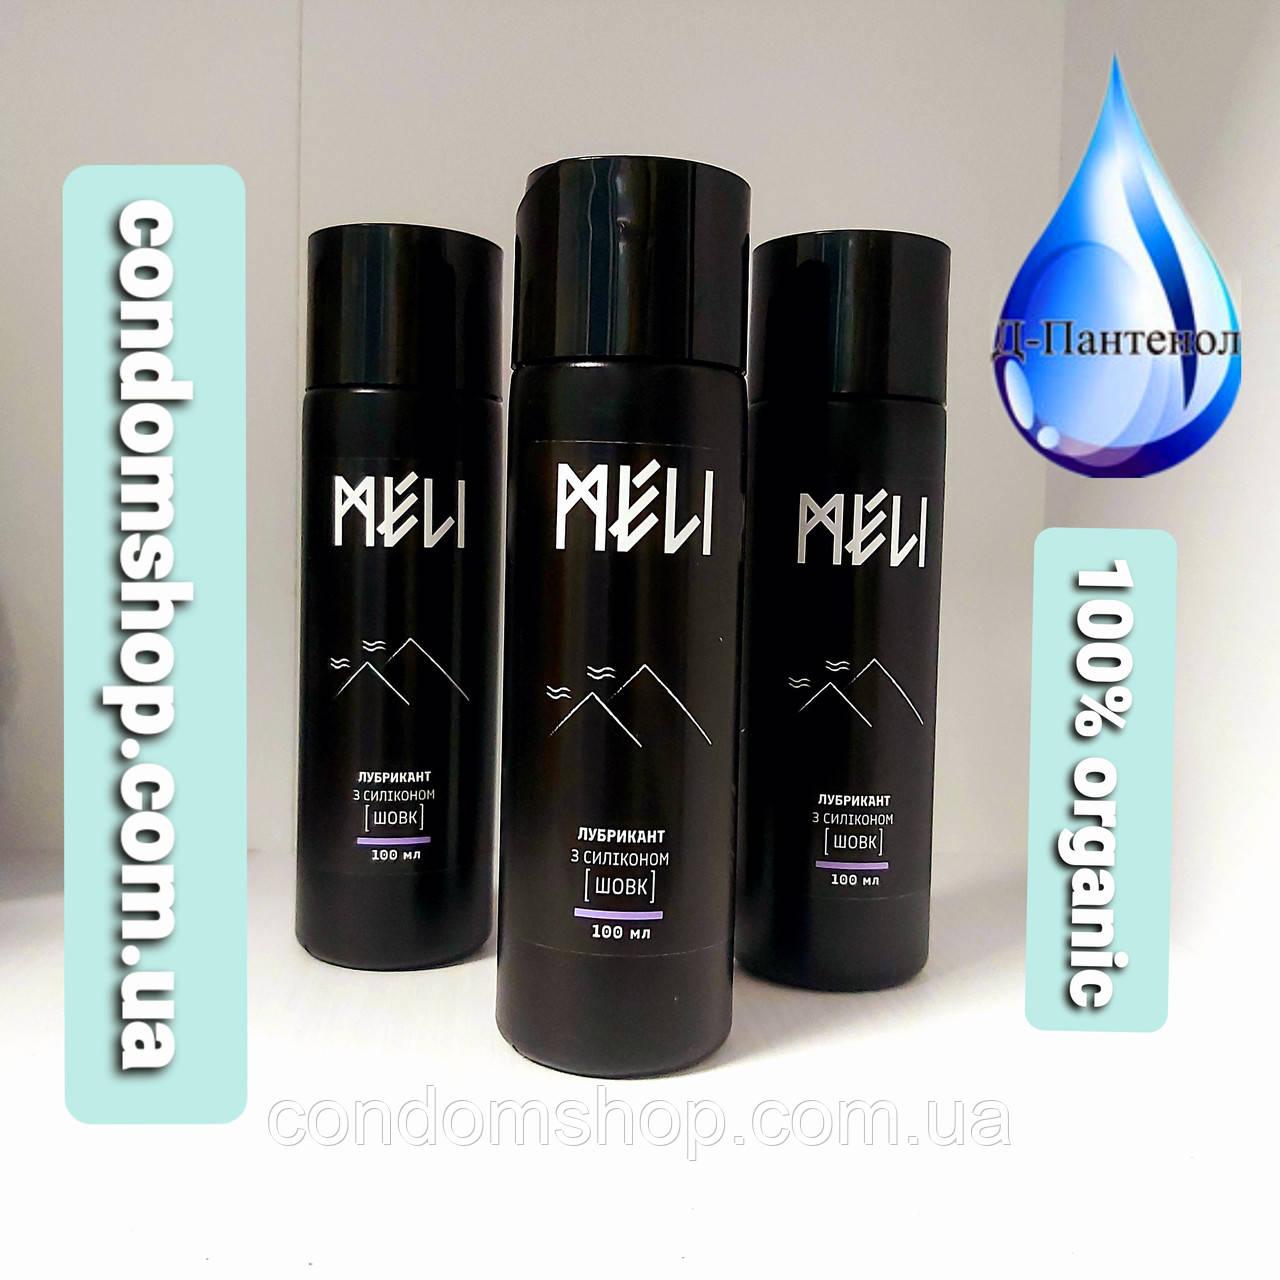 Интимный гель-смазка Meli шёлк  вода+силикон.100% organic. 100 ml.Для всех видов секса и массажа.